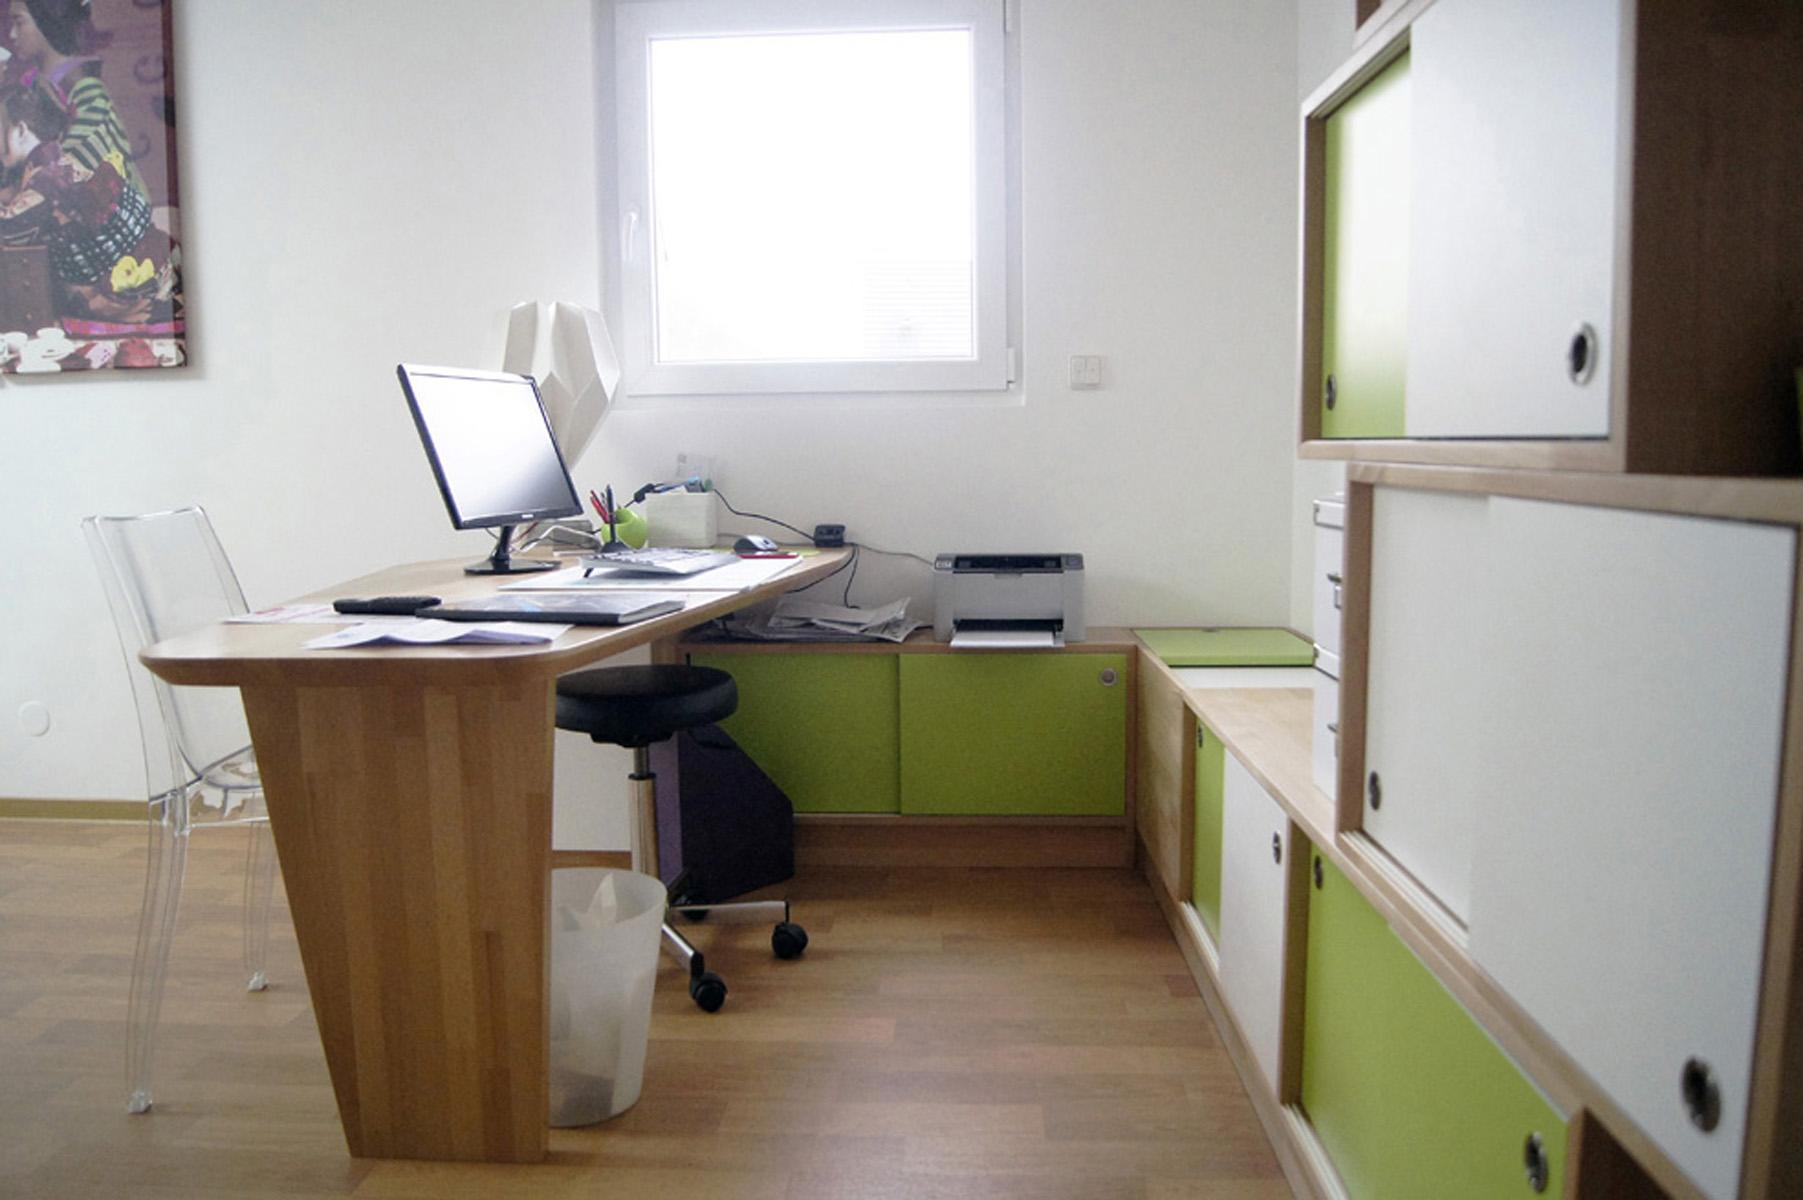 les panneaux decoratifs graves du motif seigeiha ainsi que le mobilier superpose a la maniere de galets permettent de detourner l attention du patient